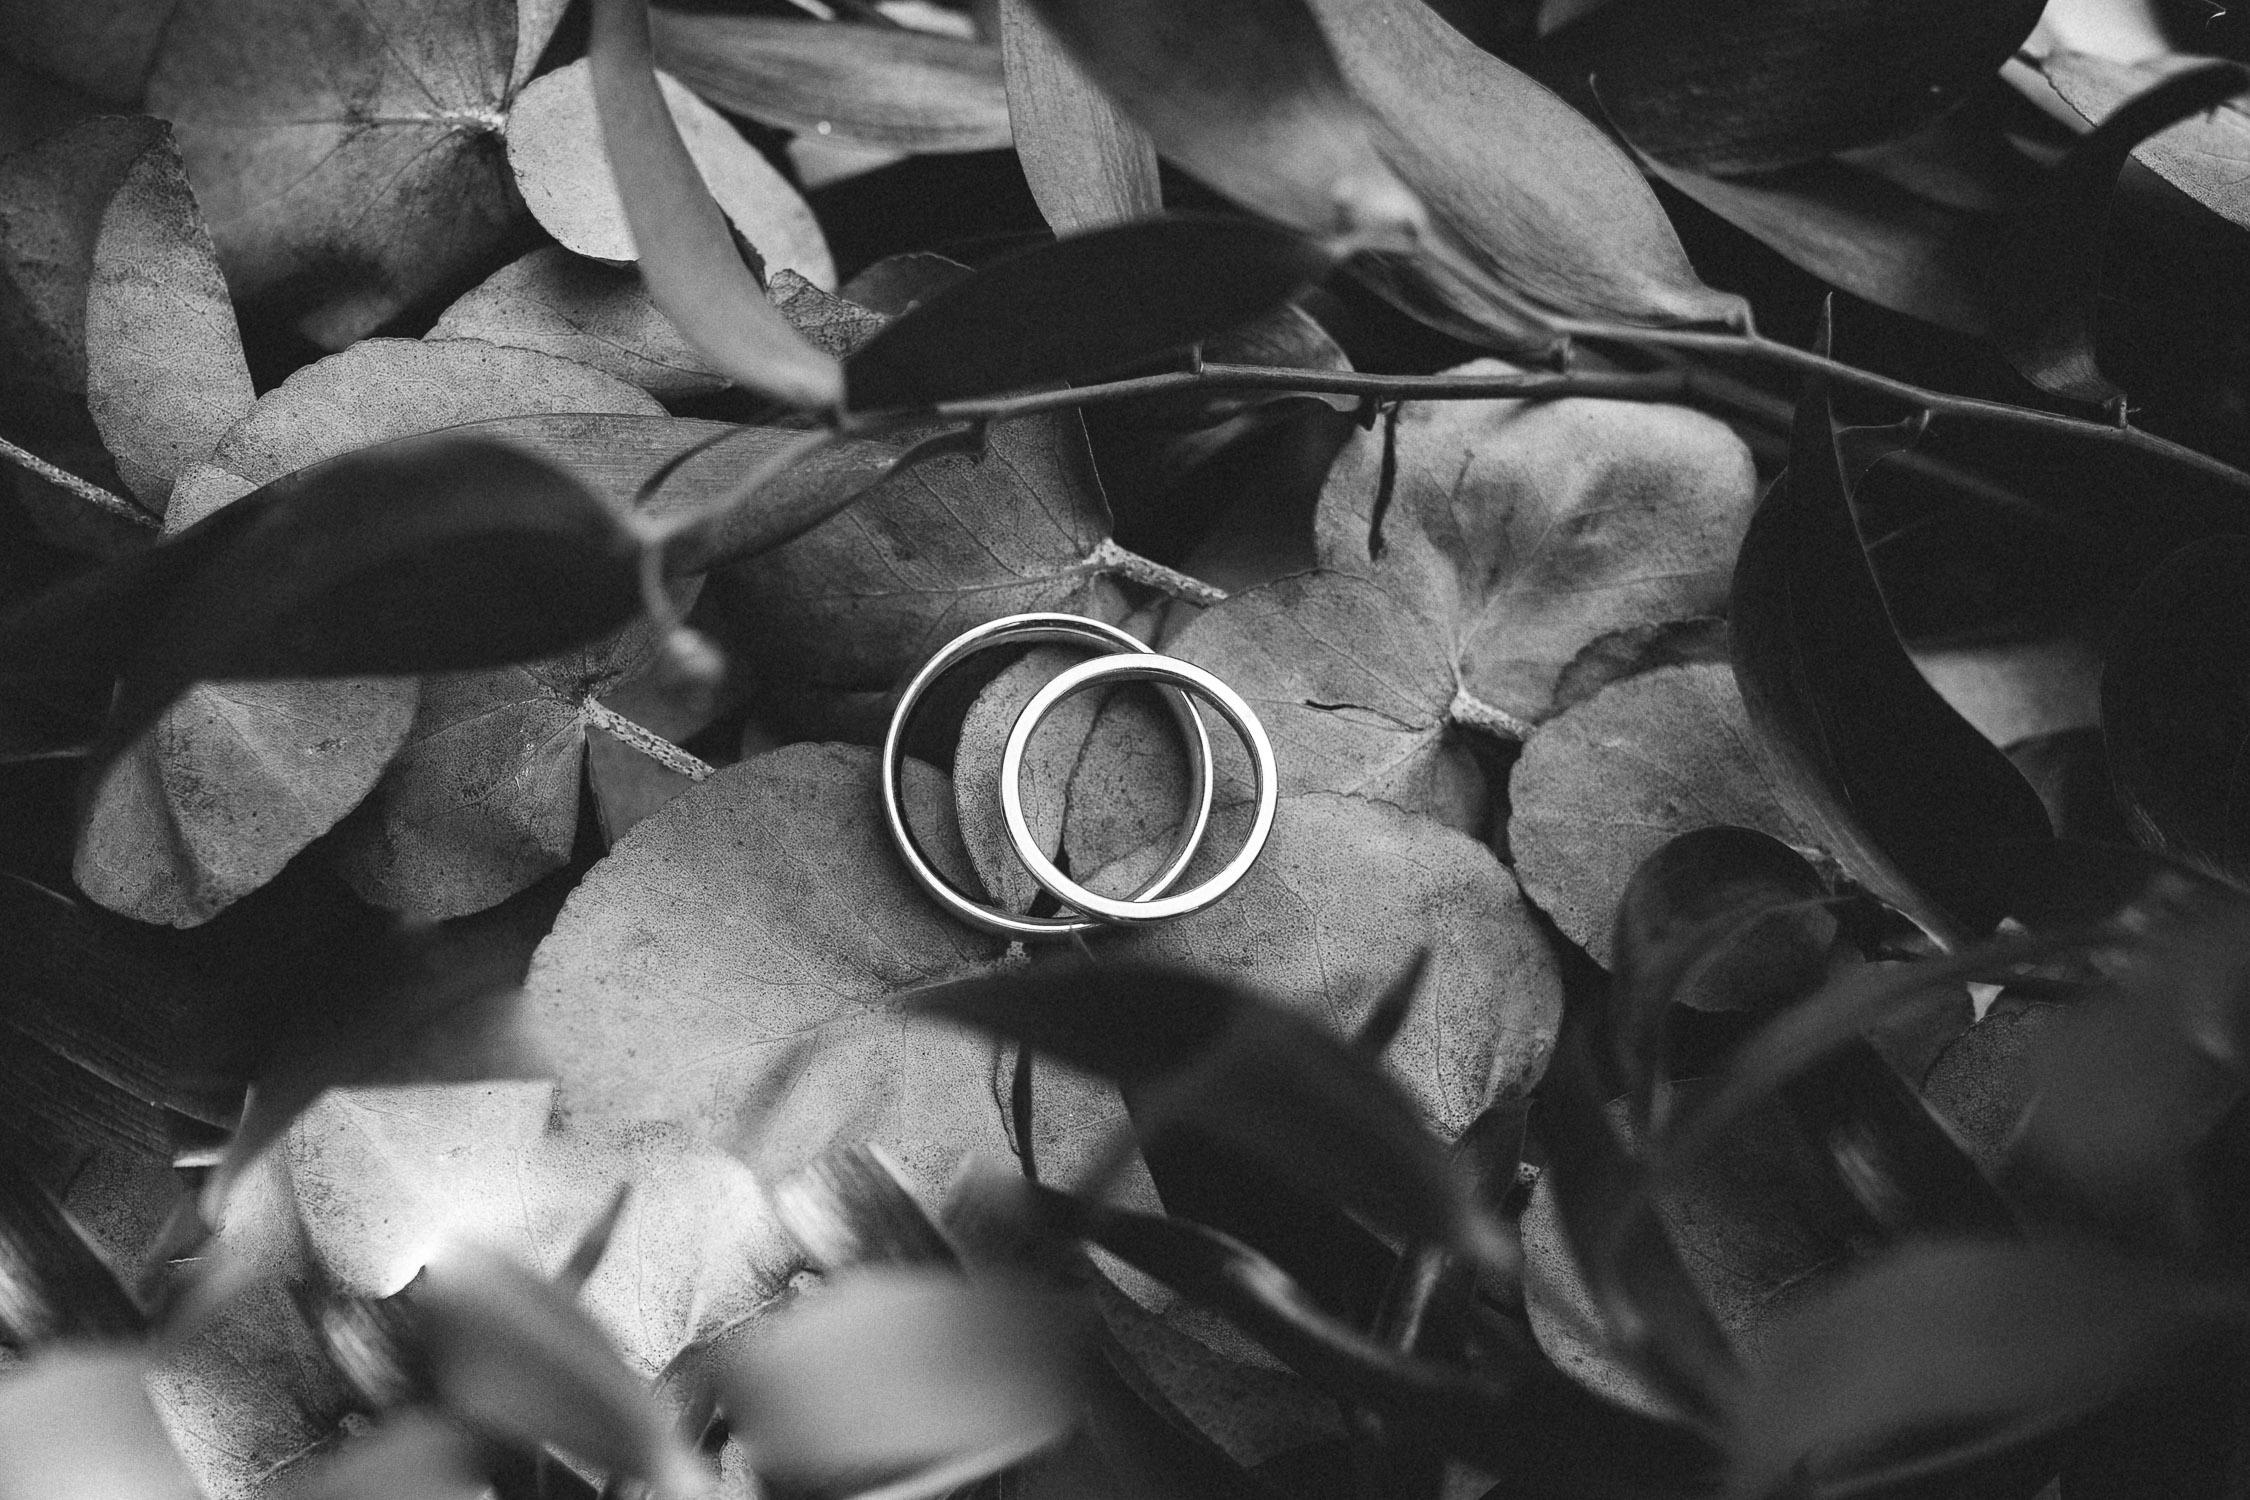 Foto von den Hochzeitsringen in schwarz-weiß